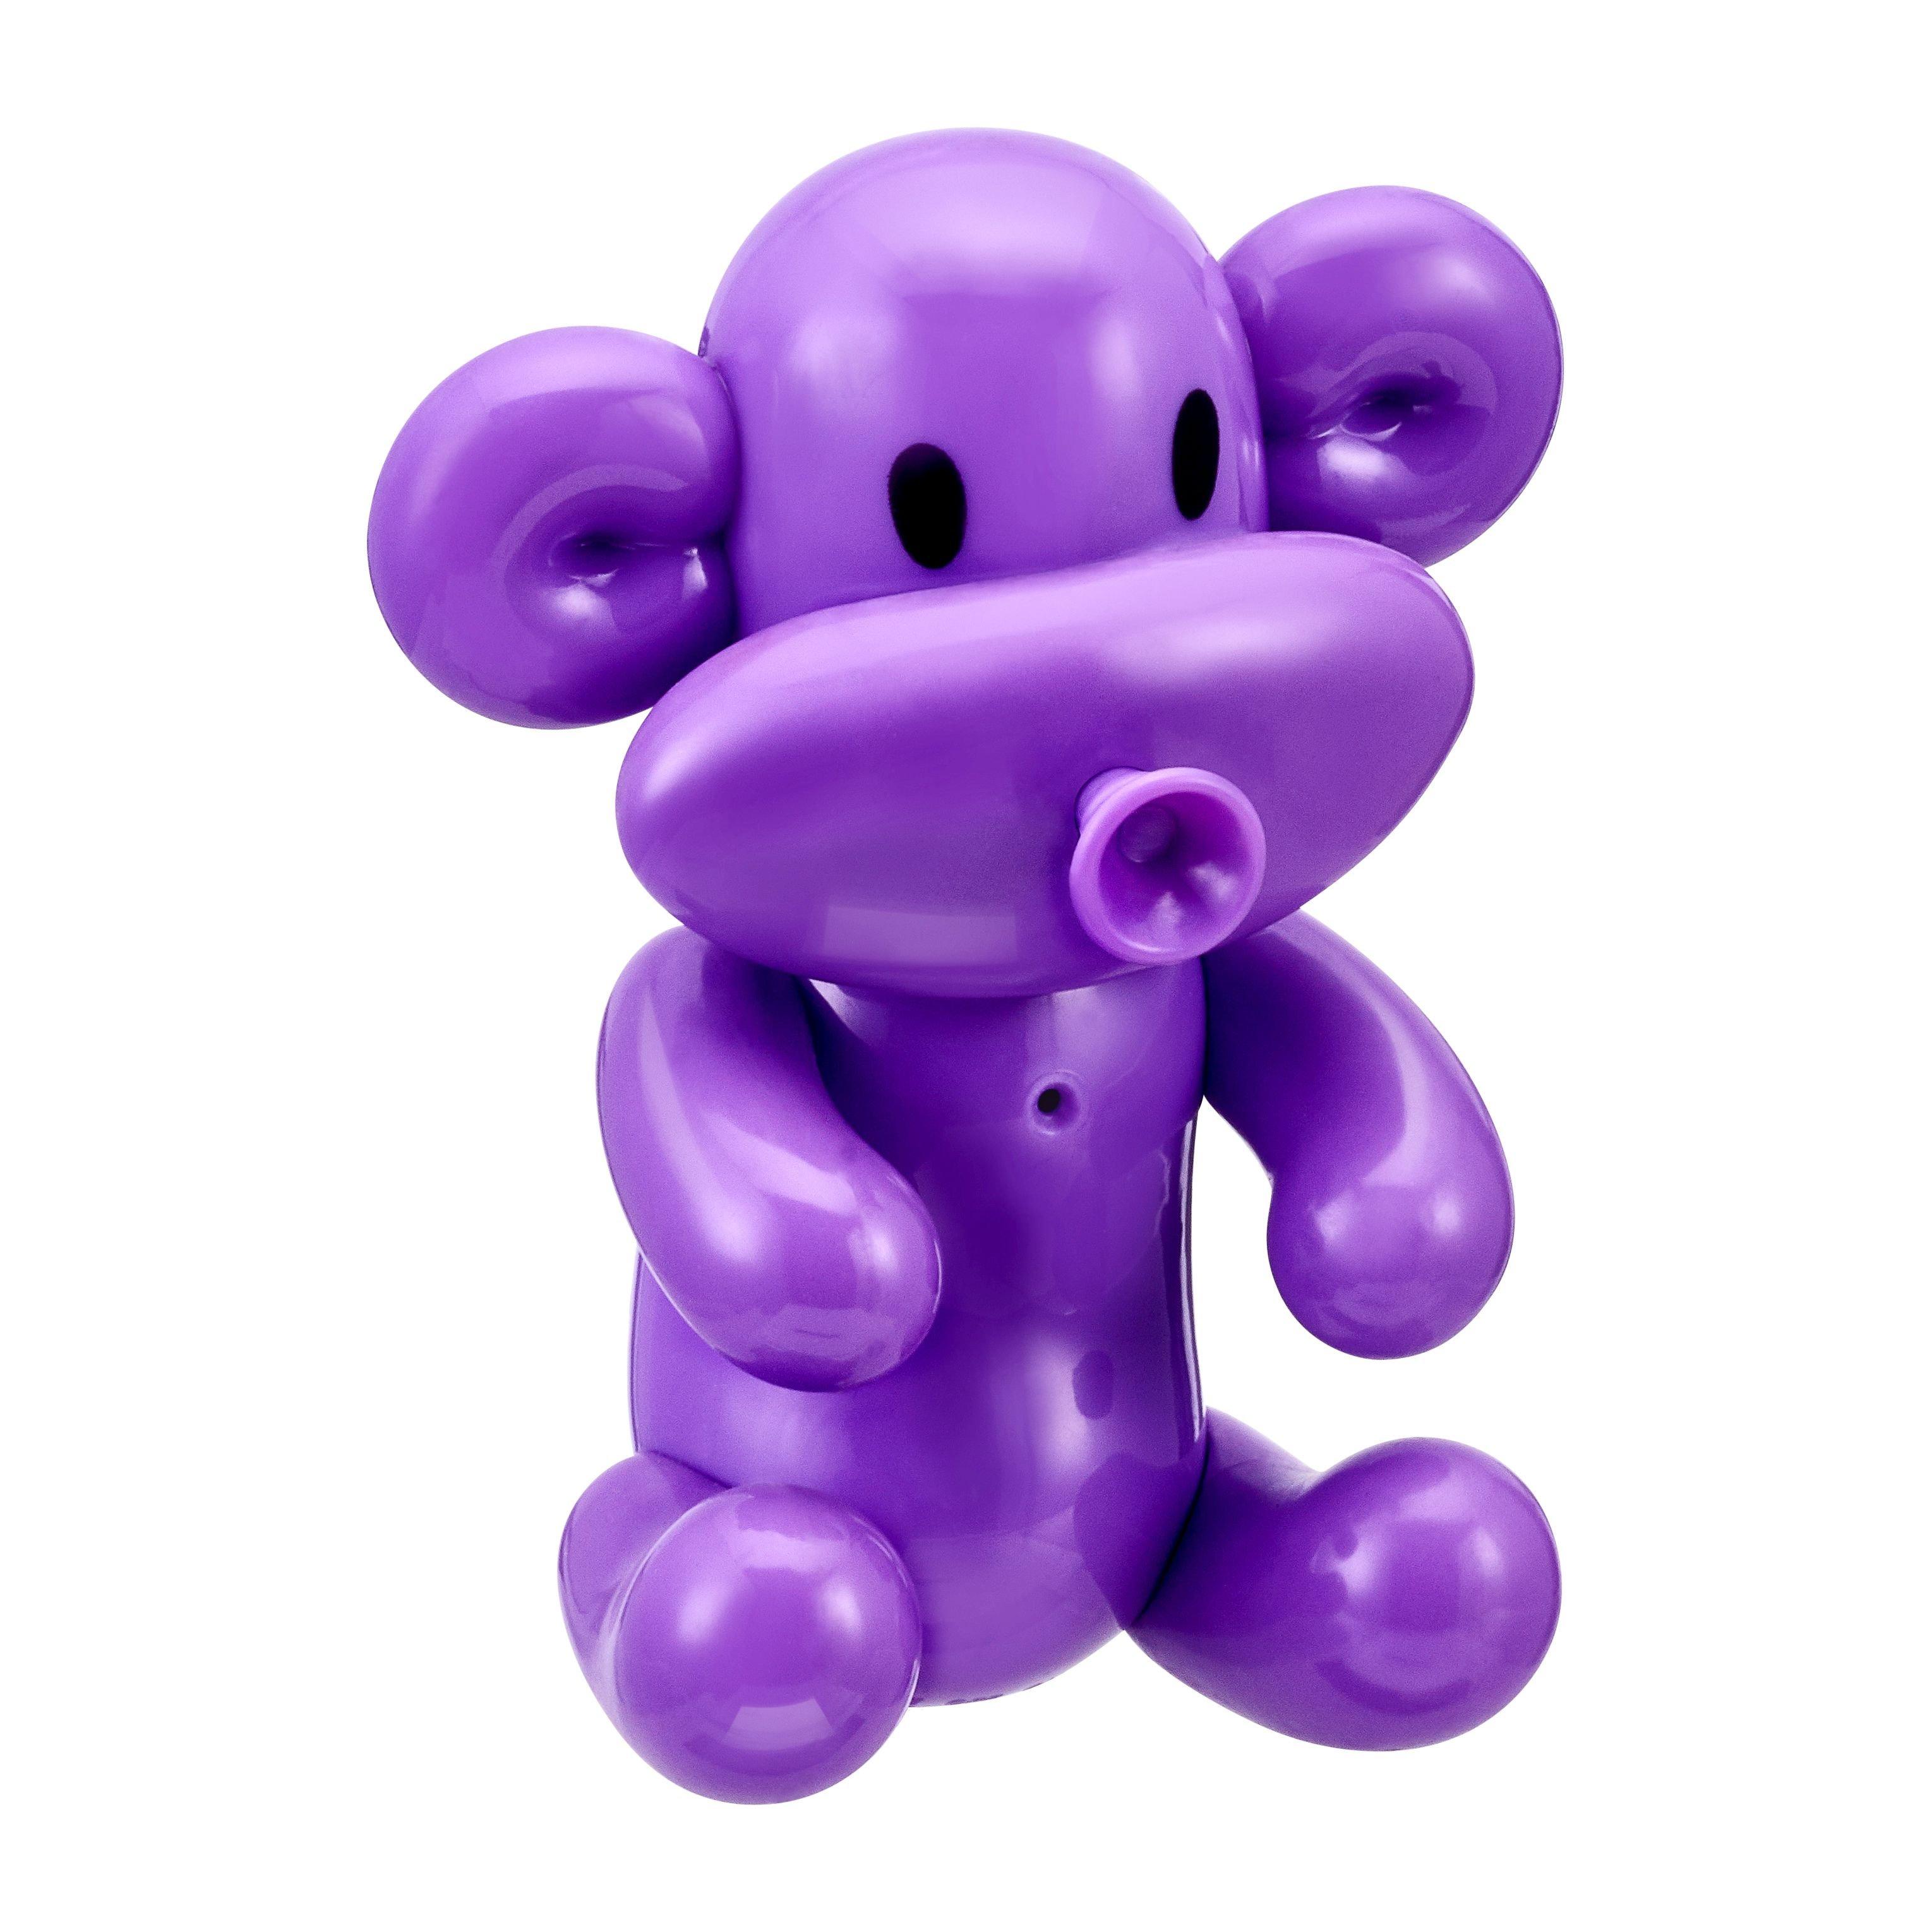 Squeakee Minis - Season 1 - Billo the Monkey (90074)